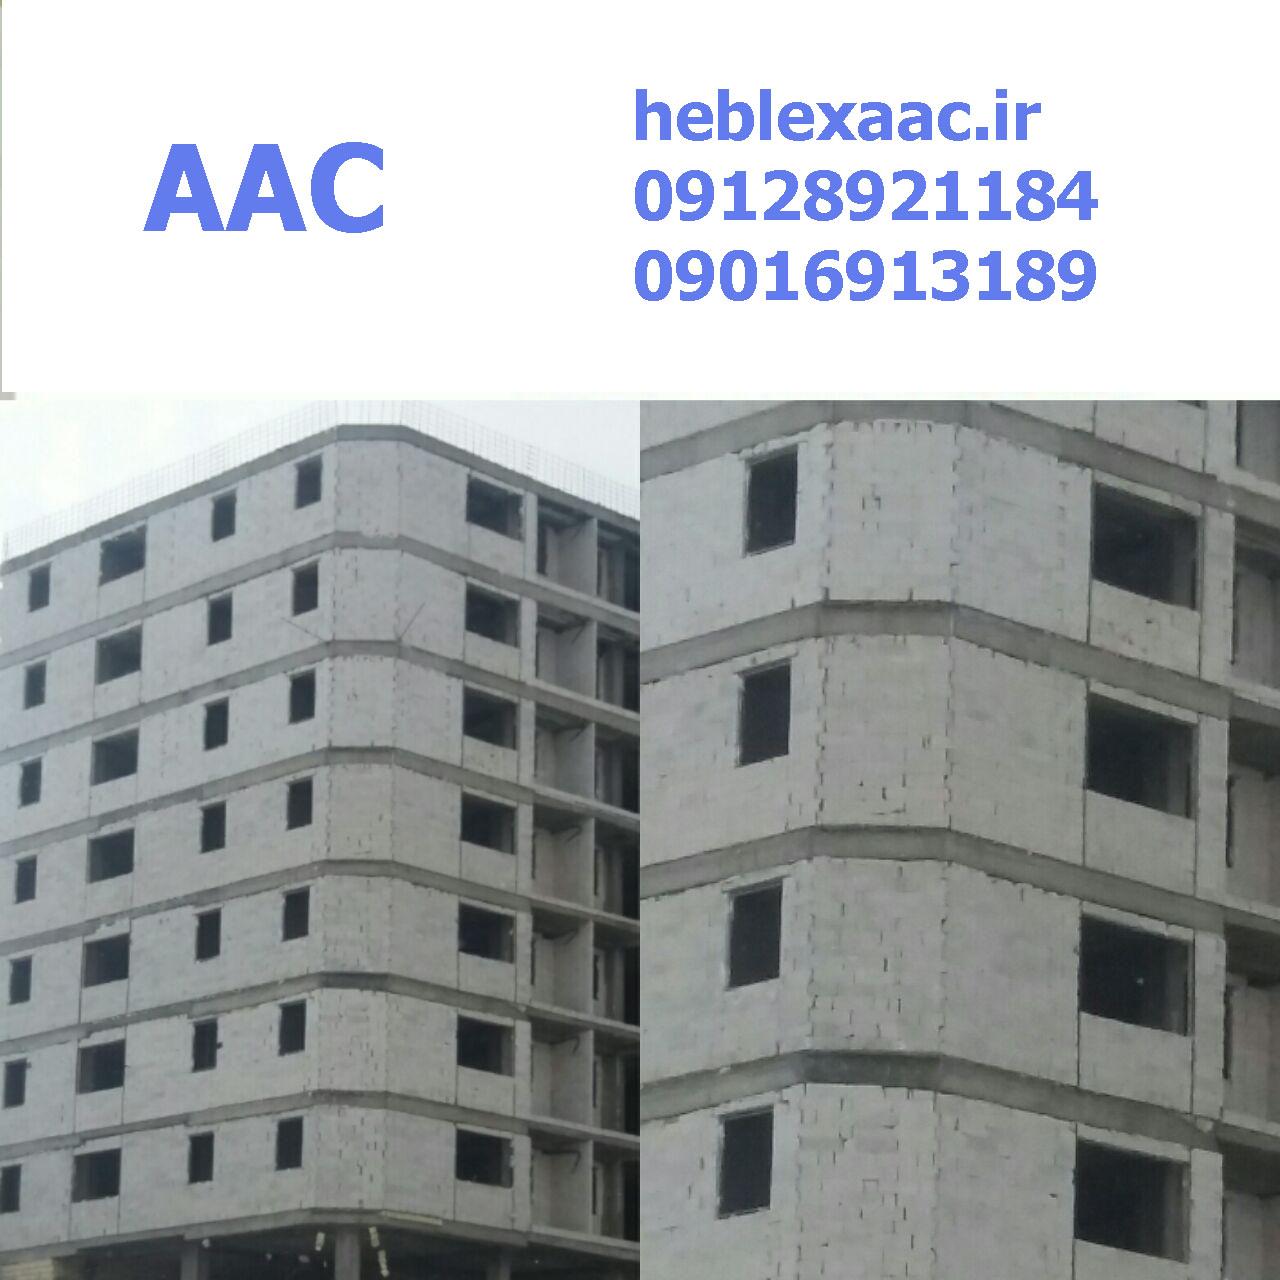 دلایل استفاده از هبلکس در ساختمان ها